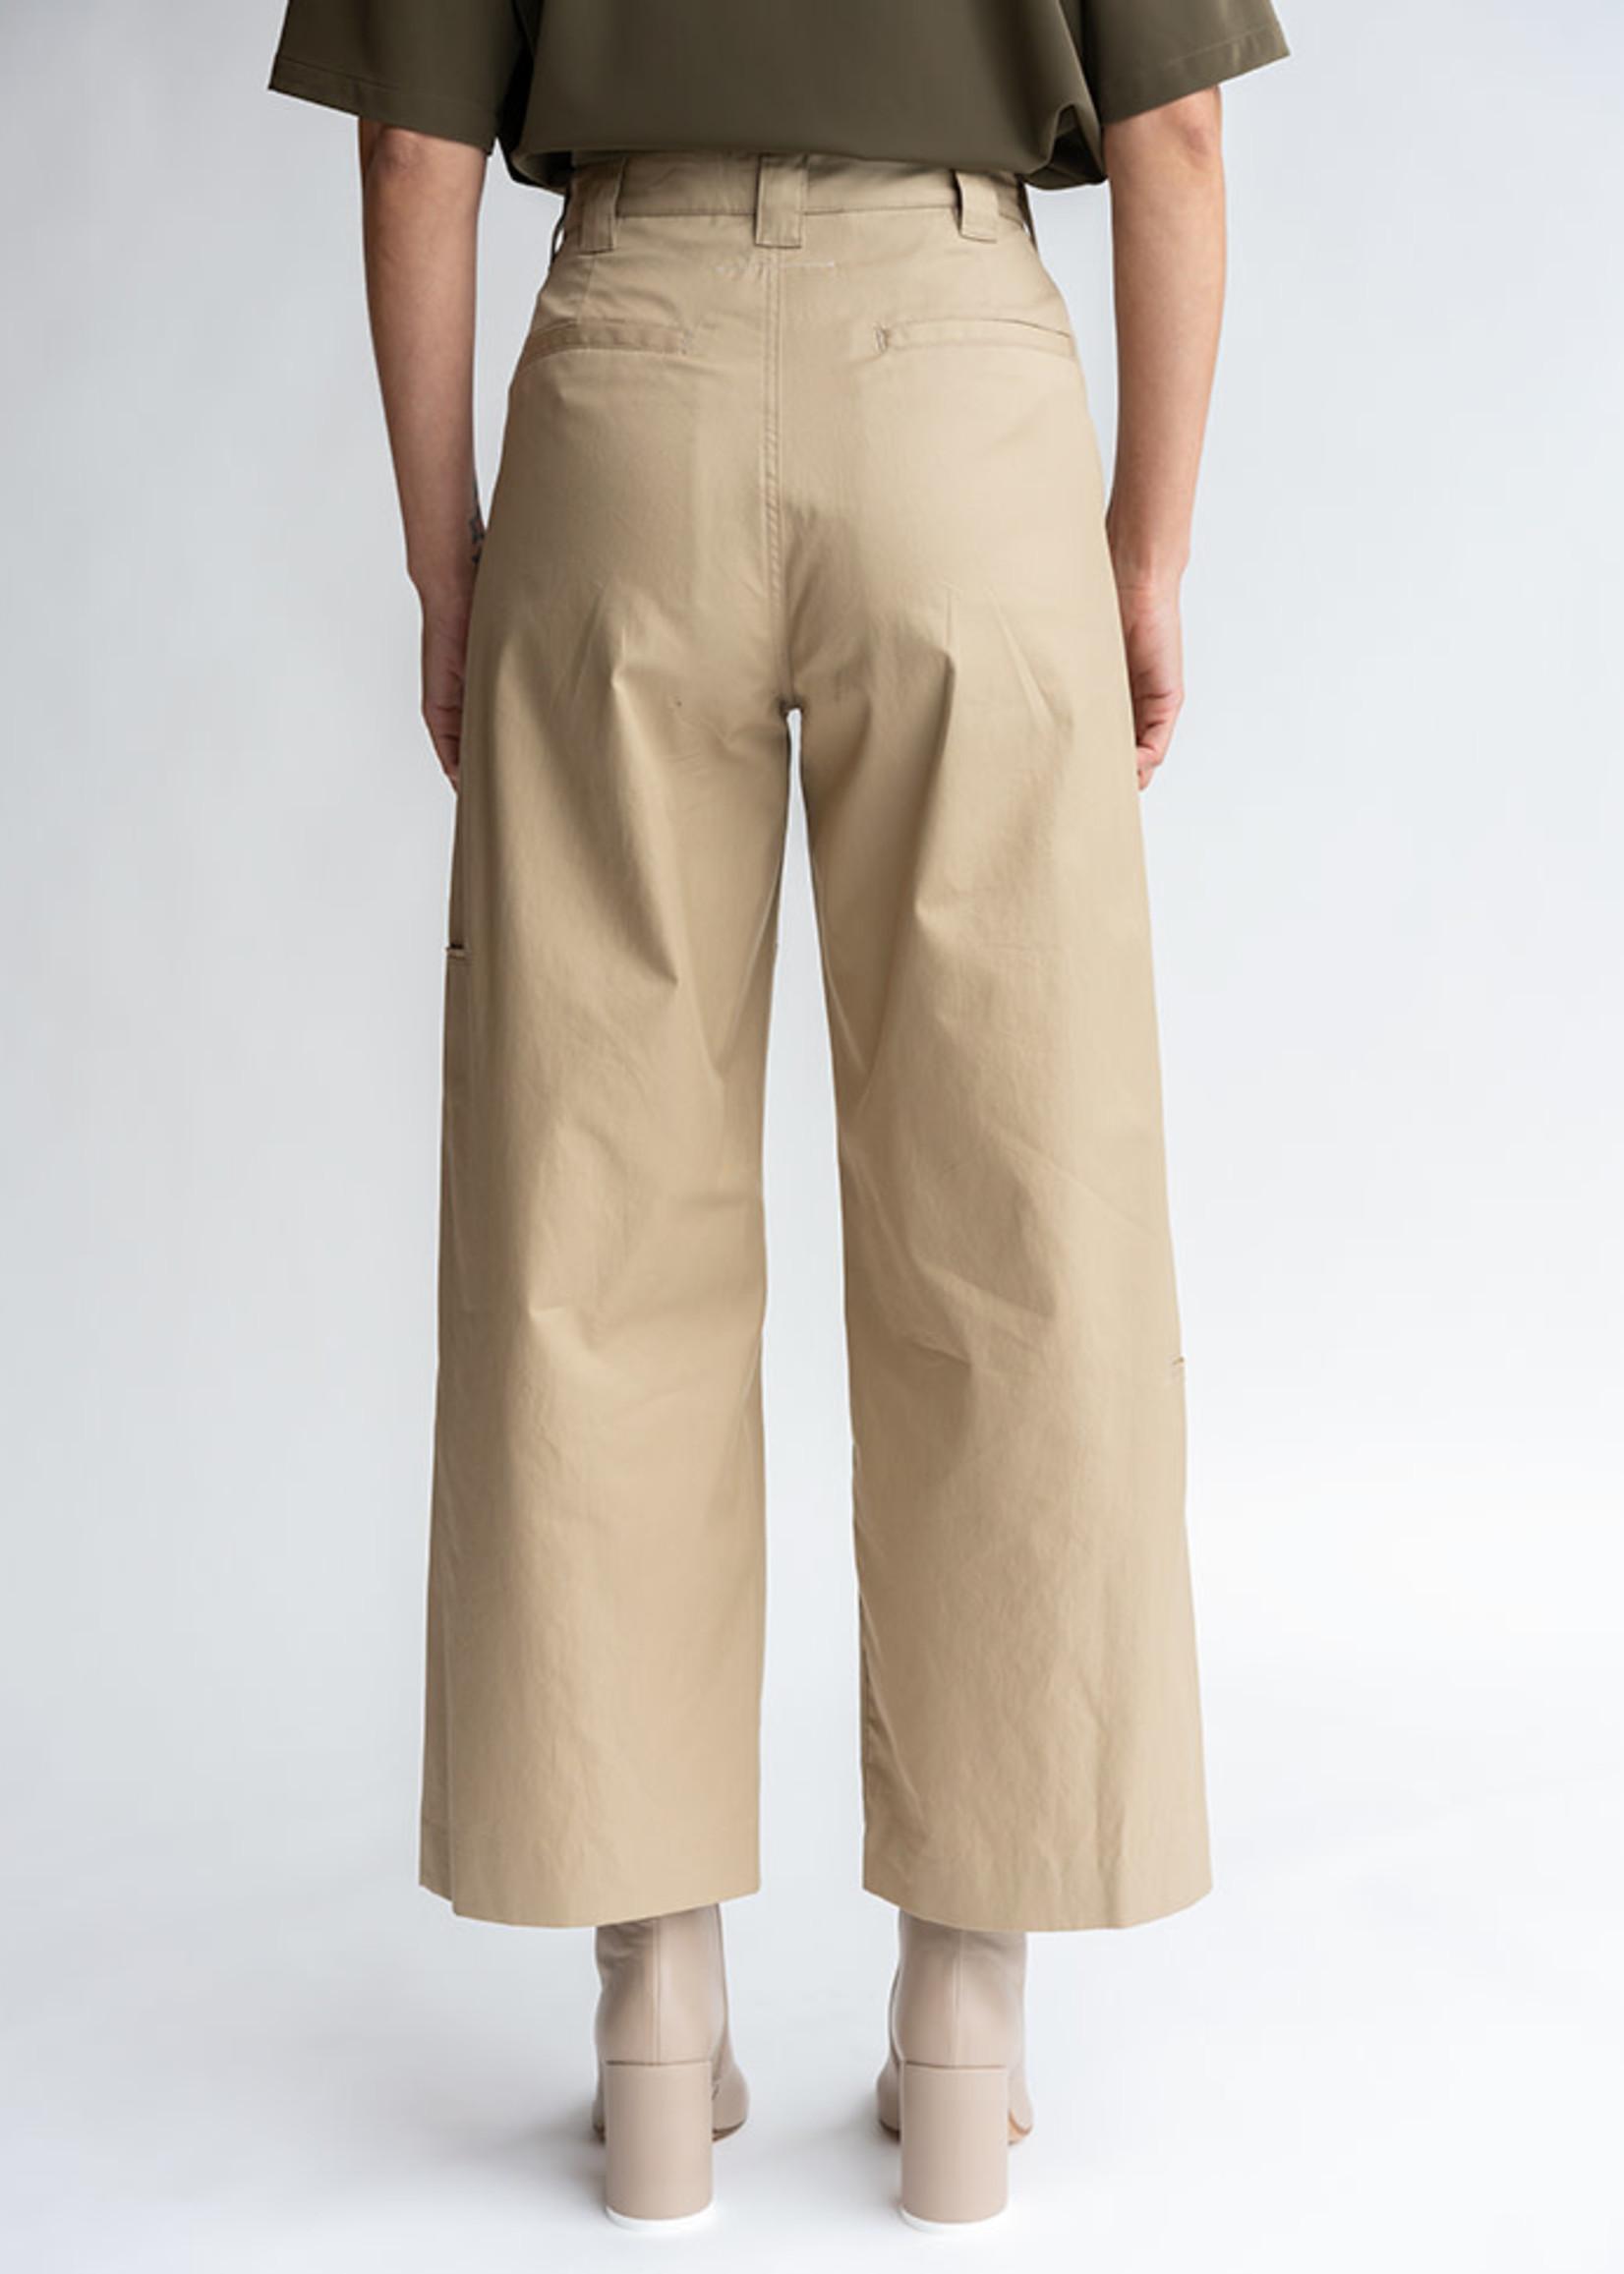 MM6 MAISON MARGIELA Double Knee Trouser in Camel Twill